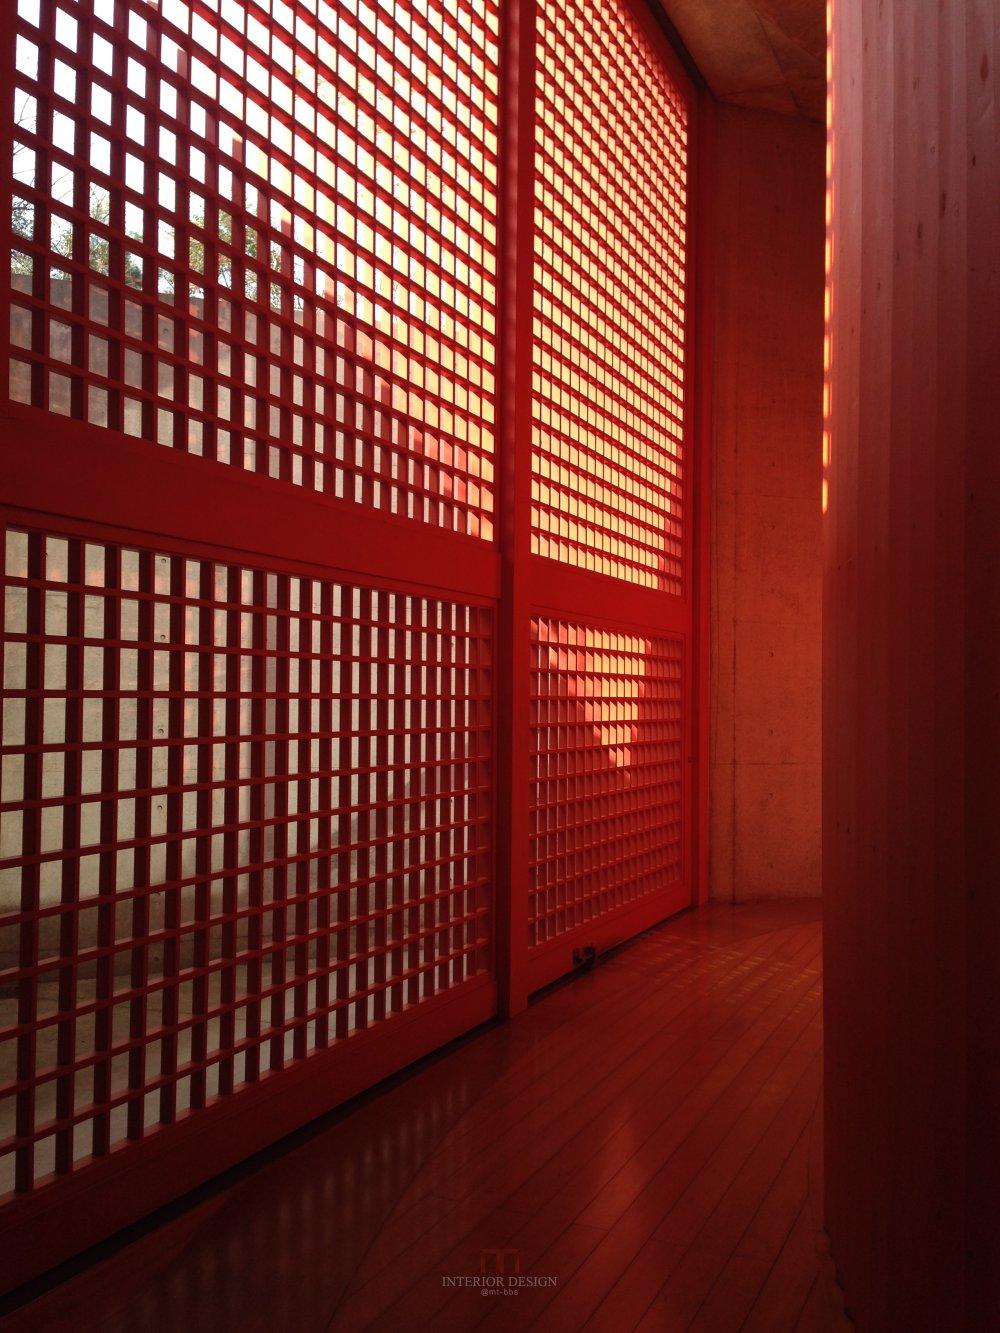 #伙伴一起看日本#  日本设计考察分享(更新美秀美术馆)_IMG_5206.JPG